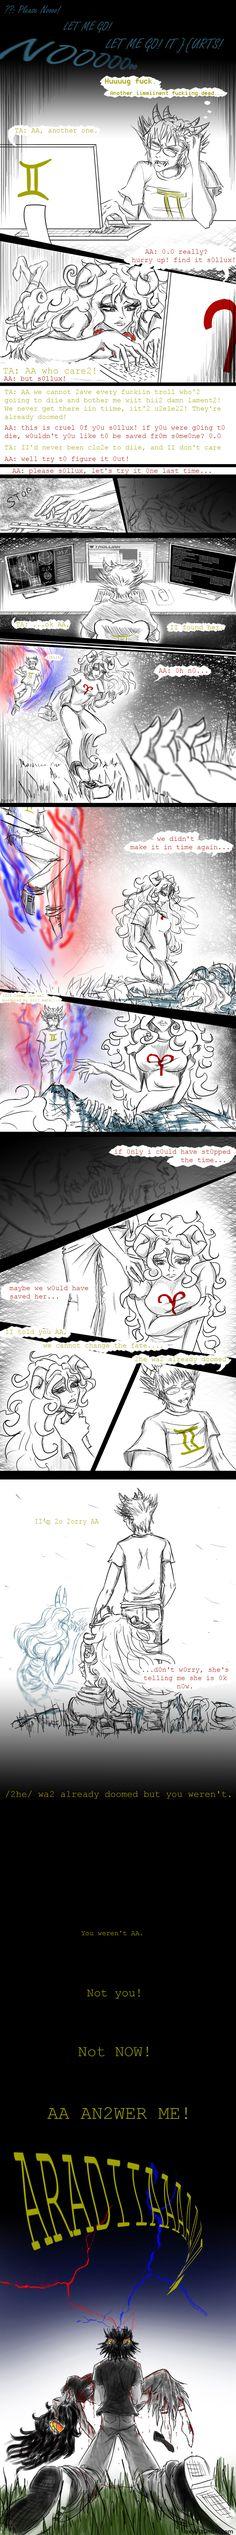 Doomed - Sadstuck AraSol by Axylh.deviantart.com on @DeviantArt